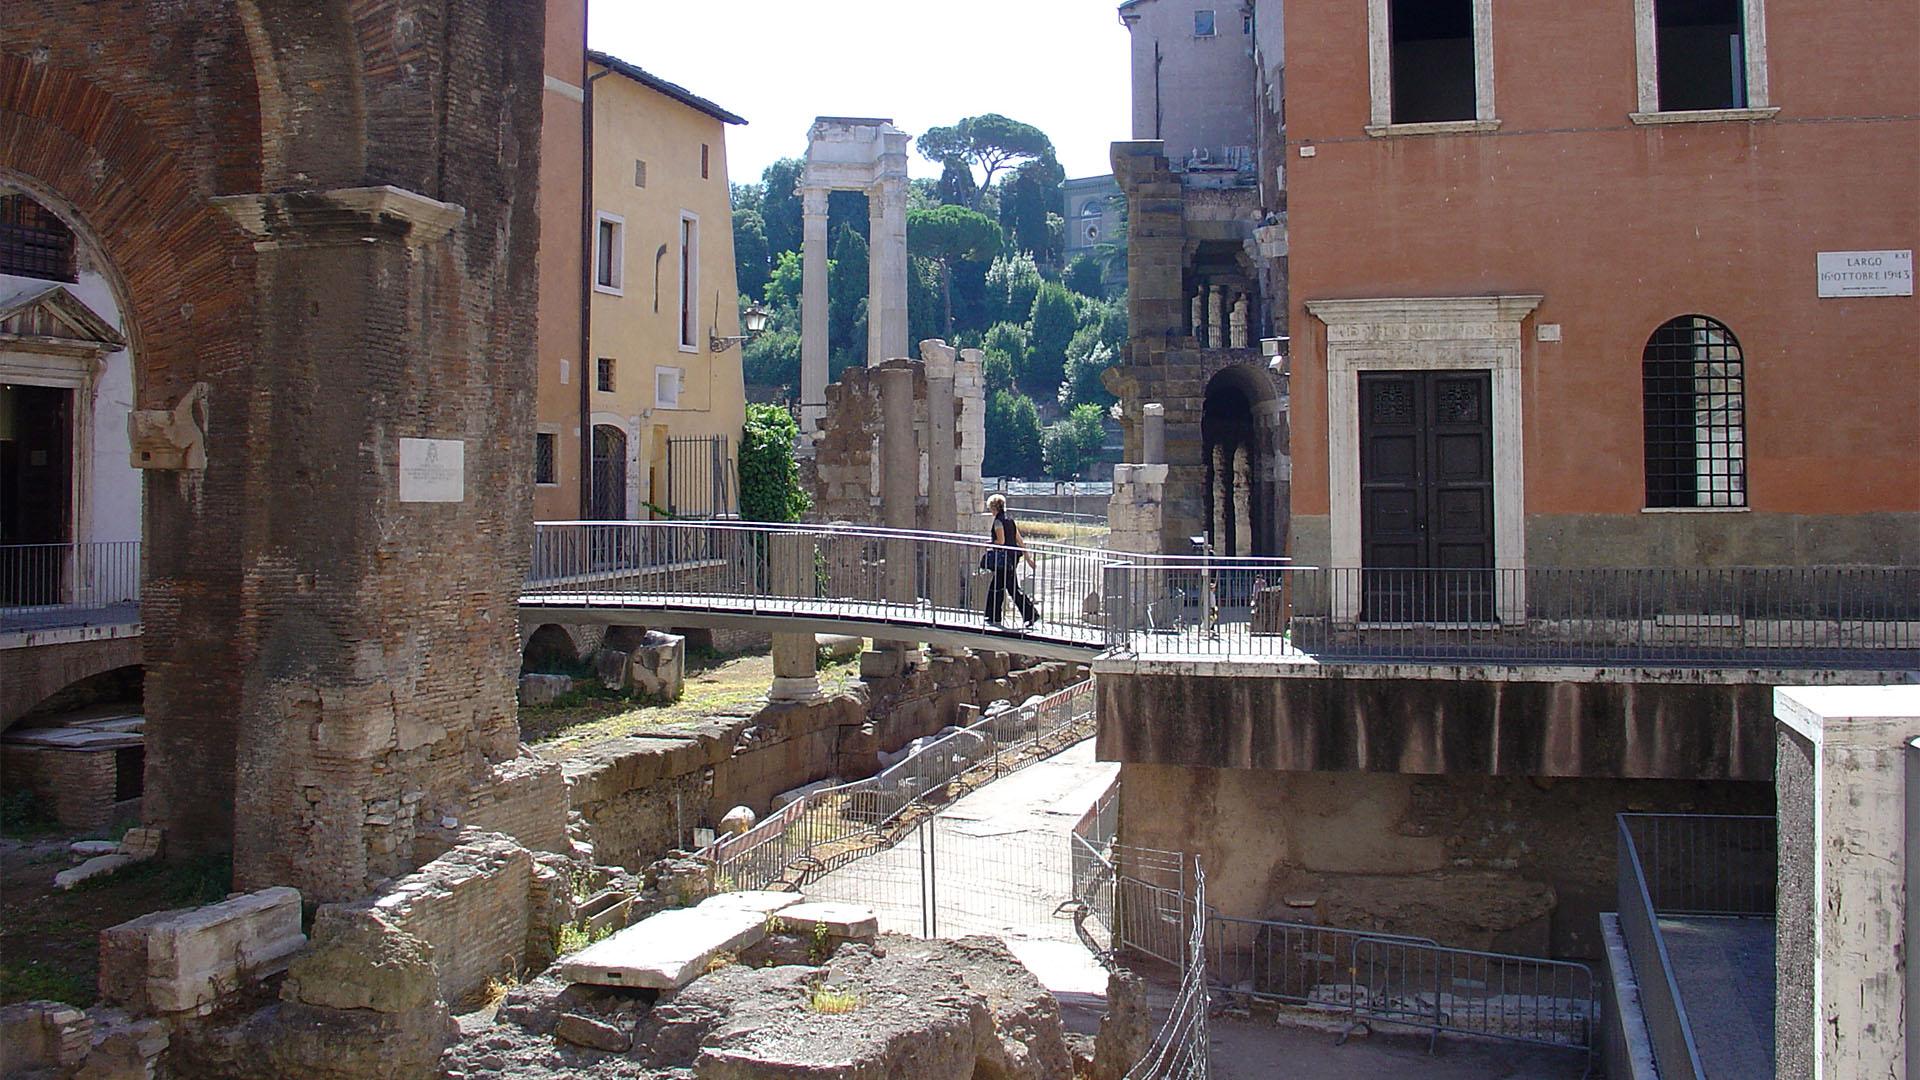 Rome: Architecture, Urban Landscape